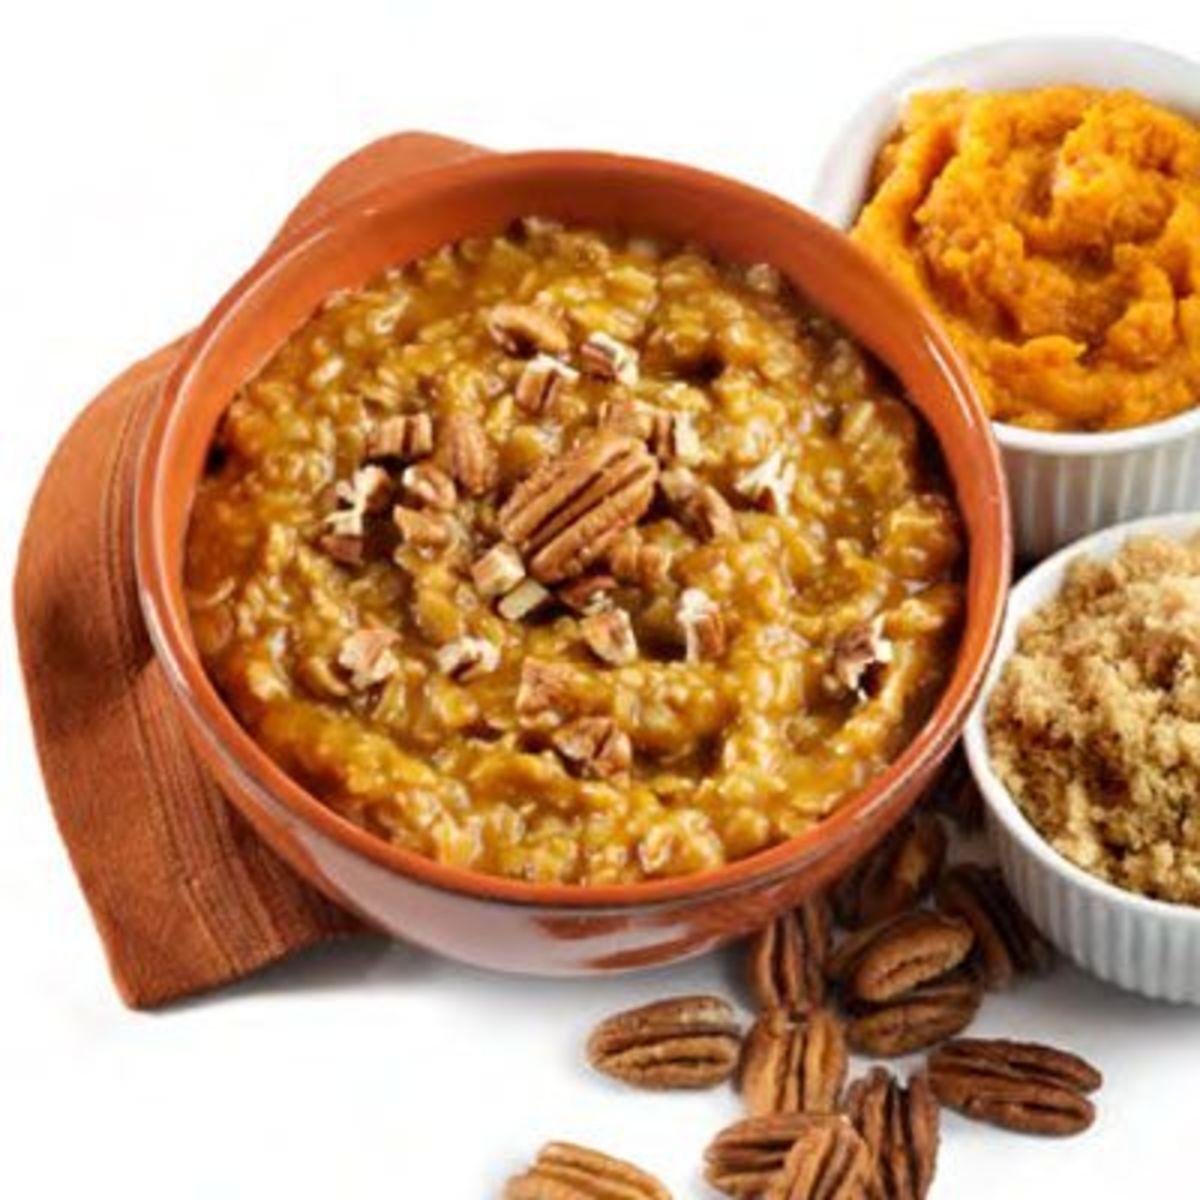 54f6b55aadd1f_-_pumpkin-pecan-oatmeal-qkr0212-xl-27780570